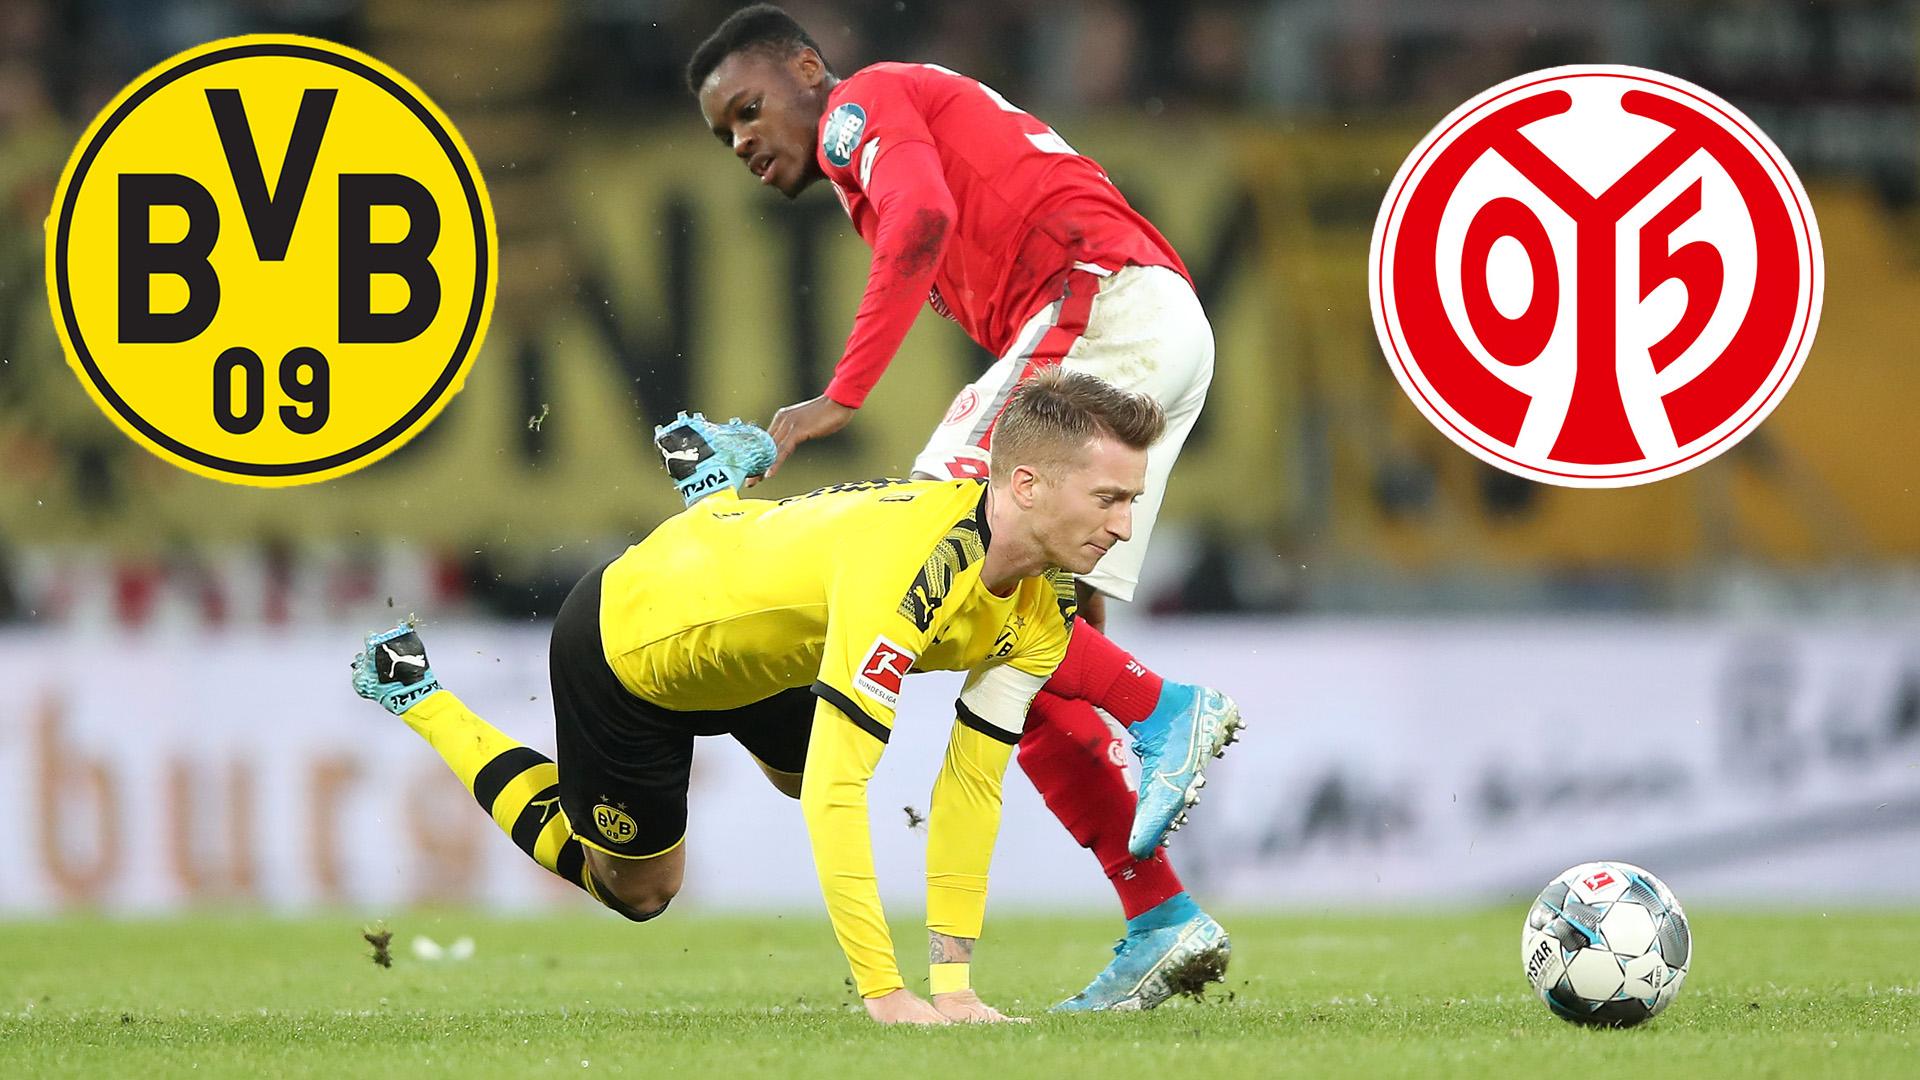 Bvb Borussia Dortmund Mainz 05 Heute Im Live Stream Und Tv Sehen So Geht S Goal Com